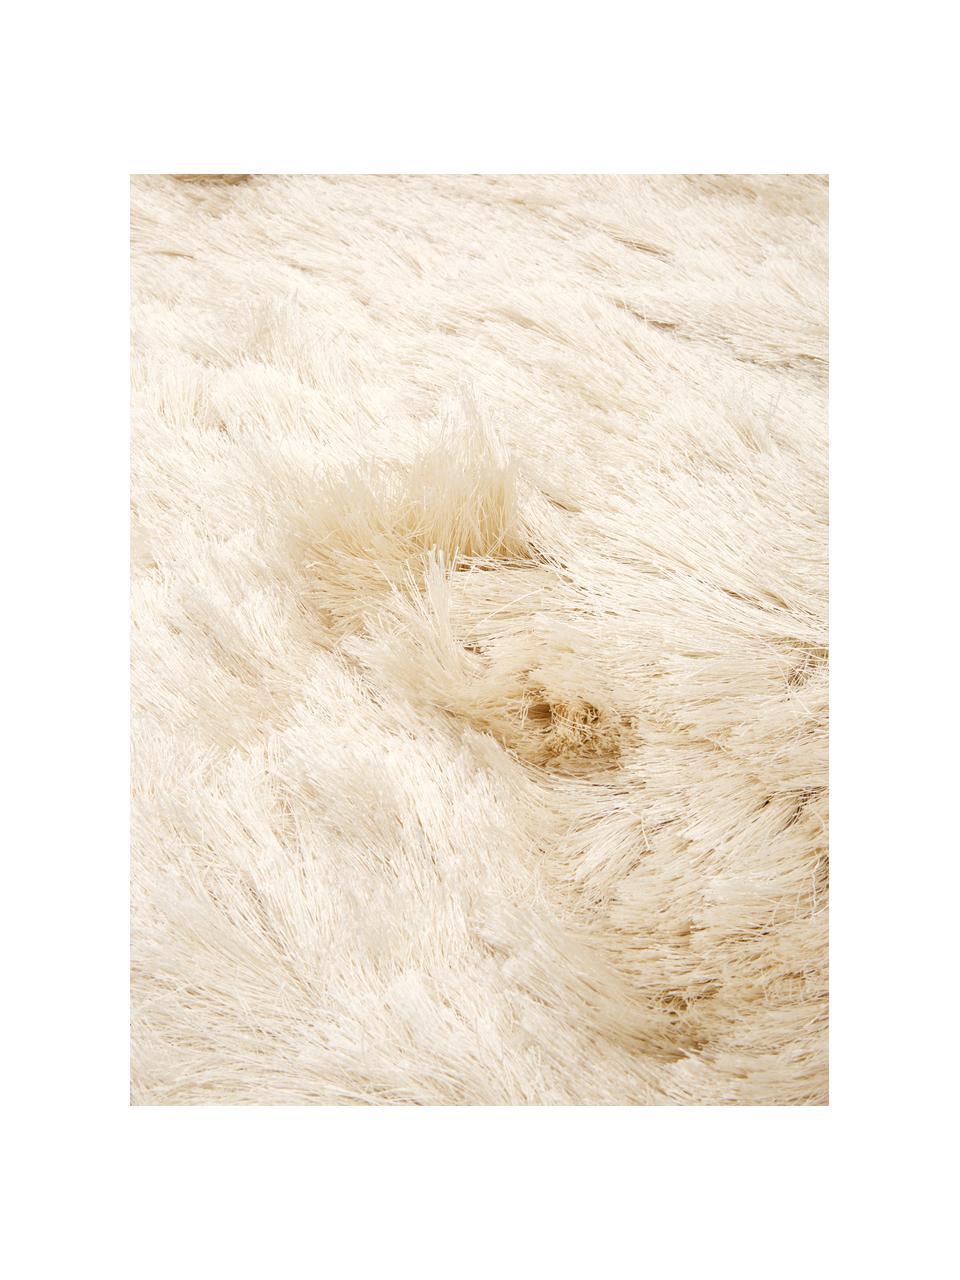 Třpytivý koberec svysokým vlasem Jimmy, Slonová kost